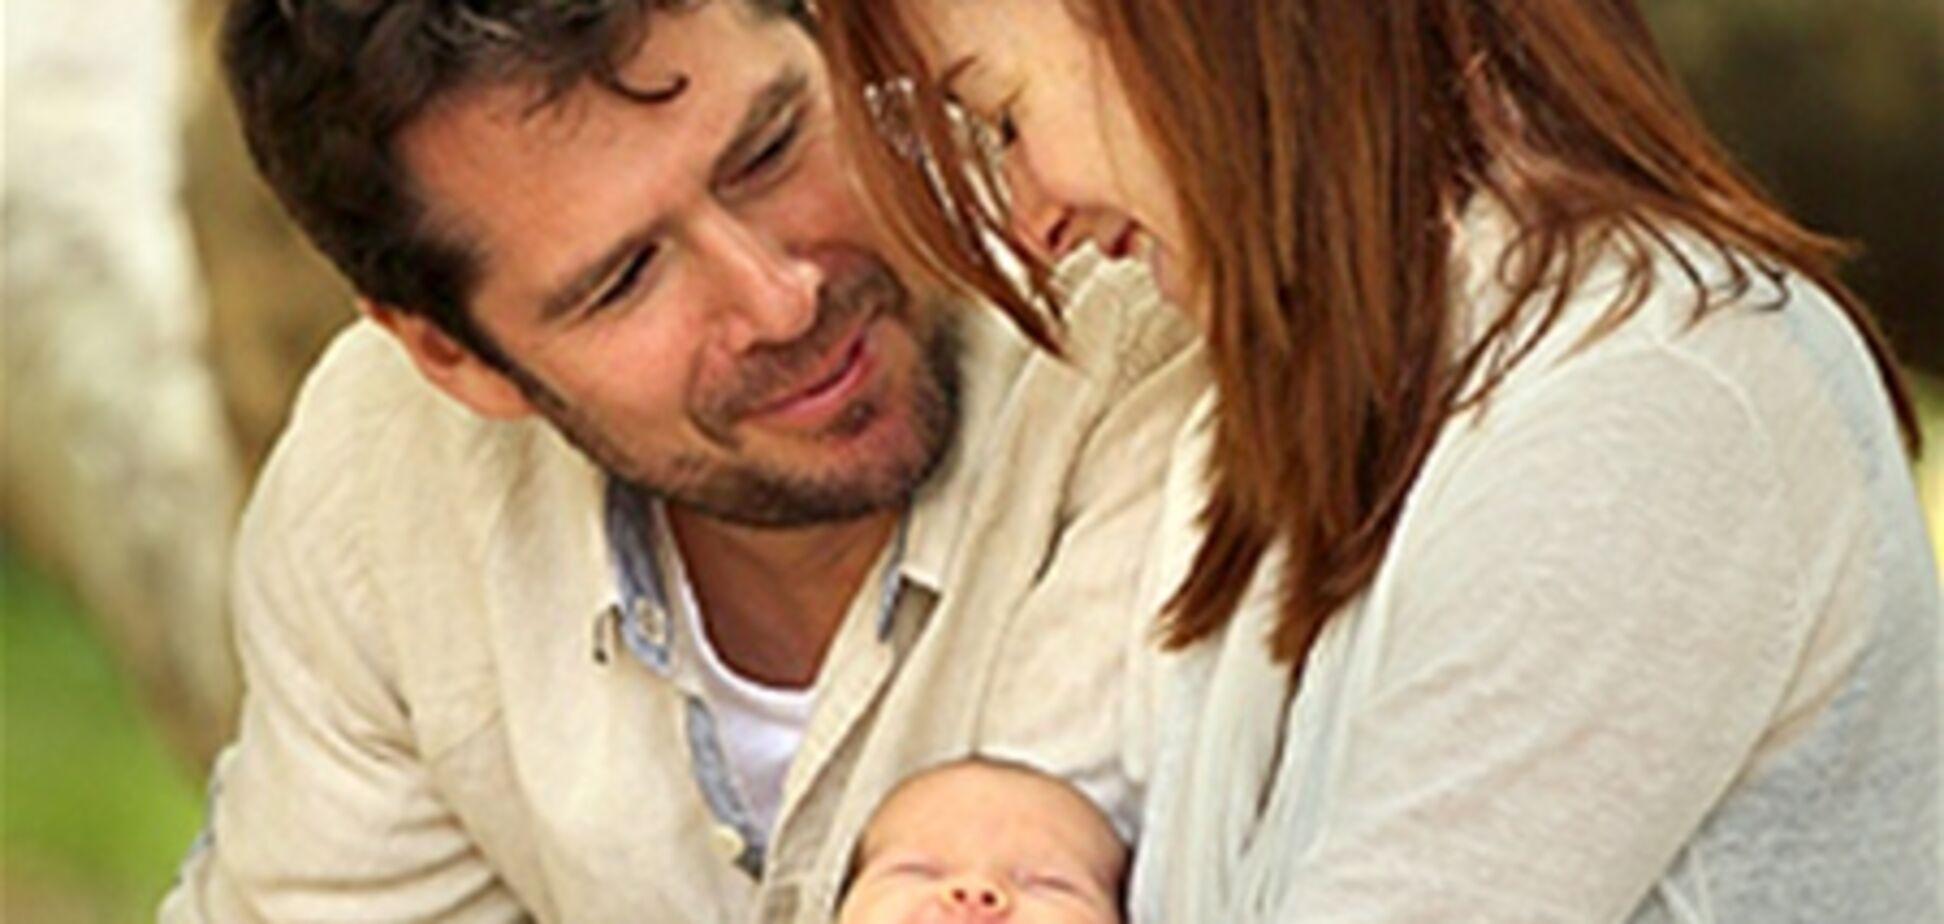 Элисон Ханниган показала новорожденную дочь. Фото